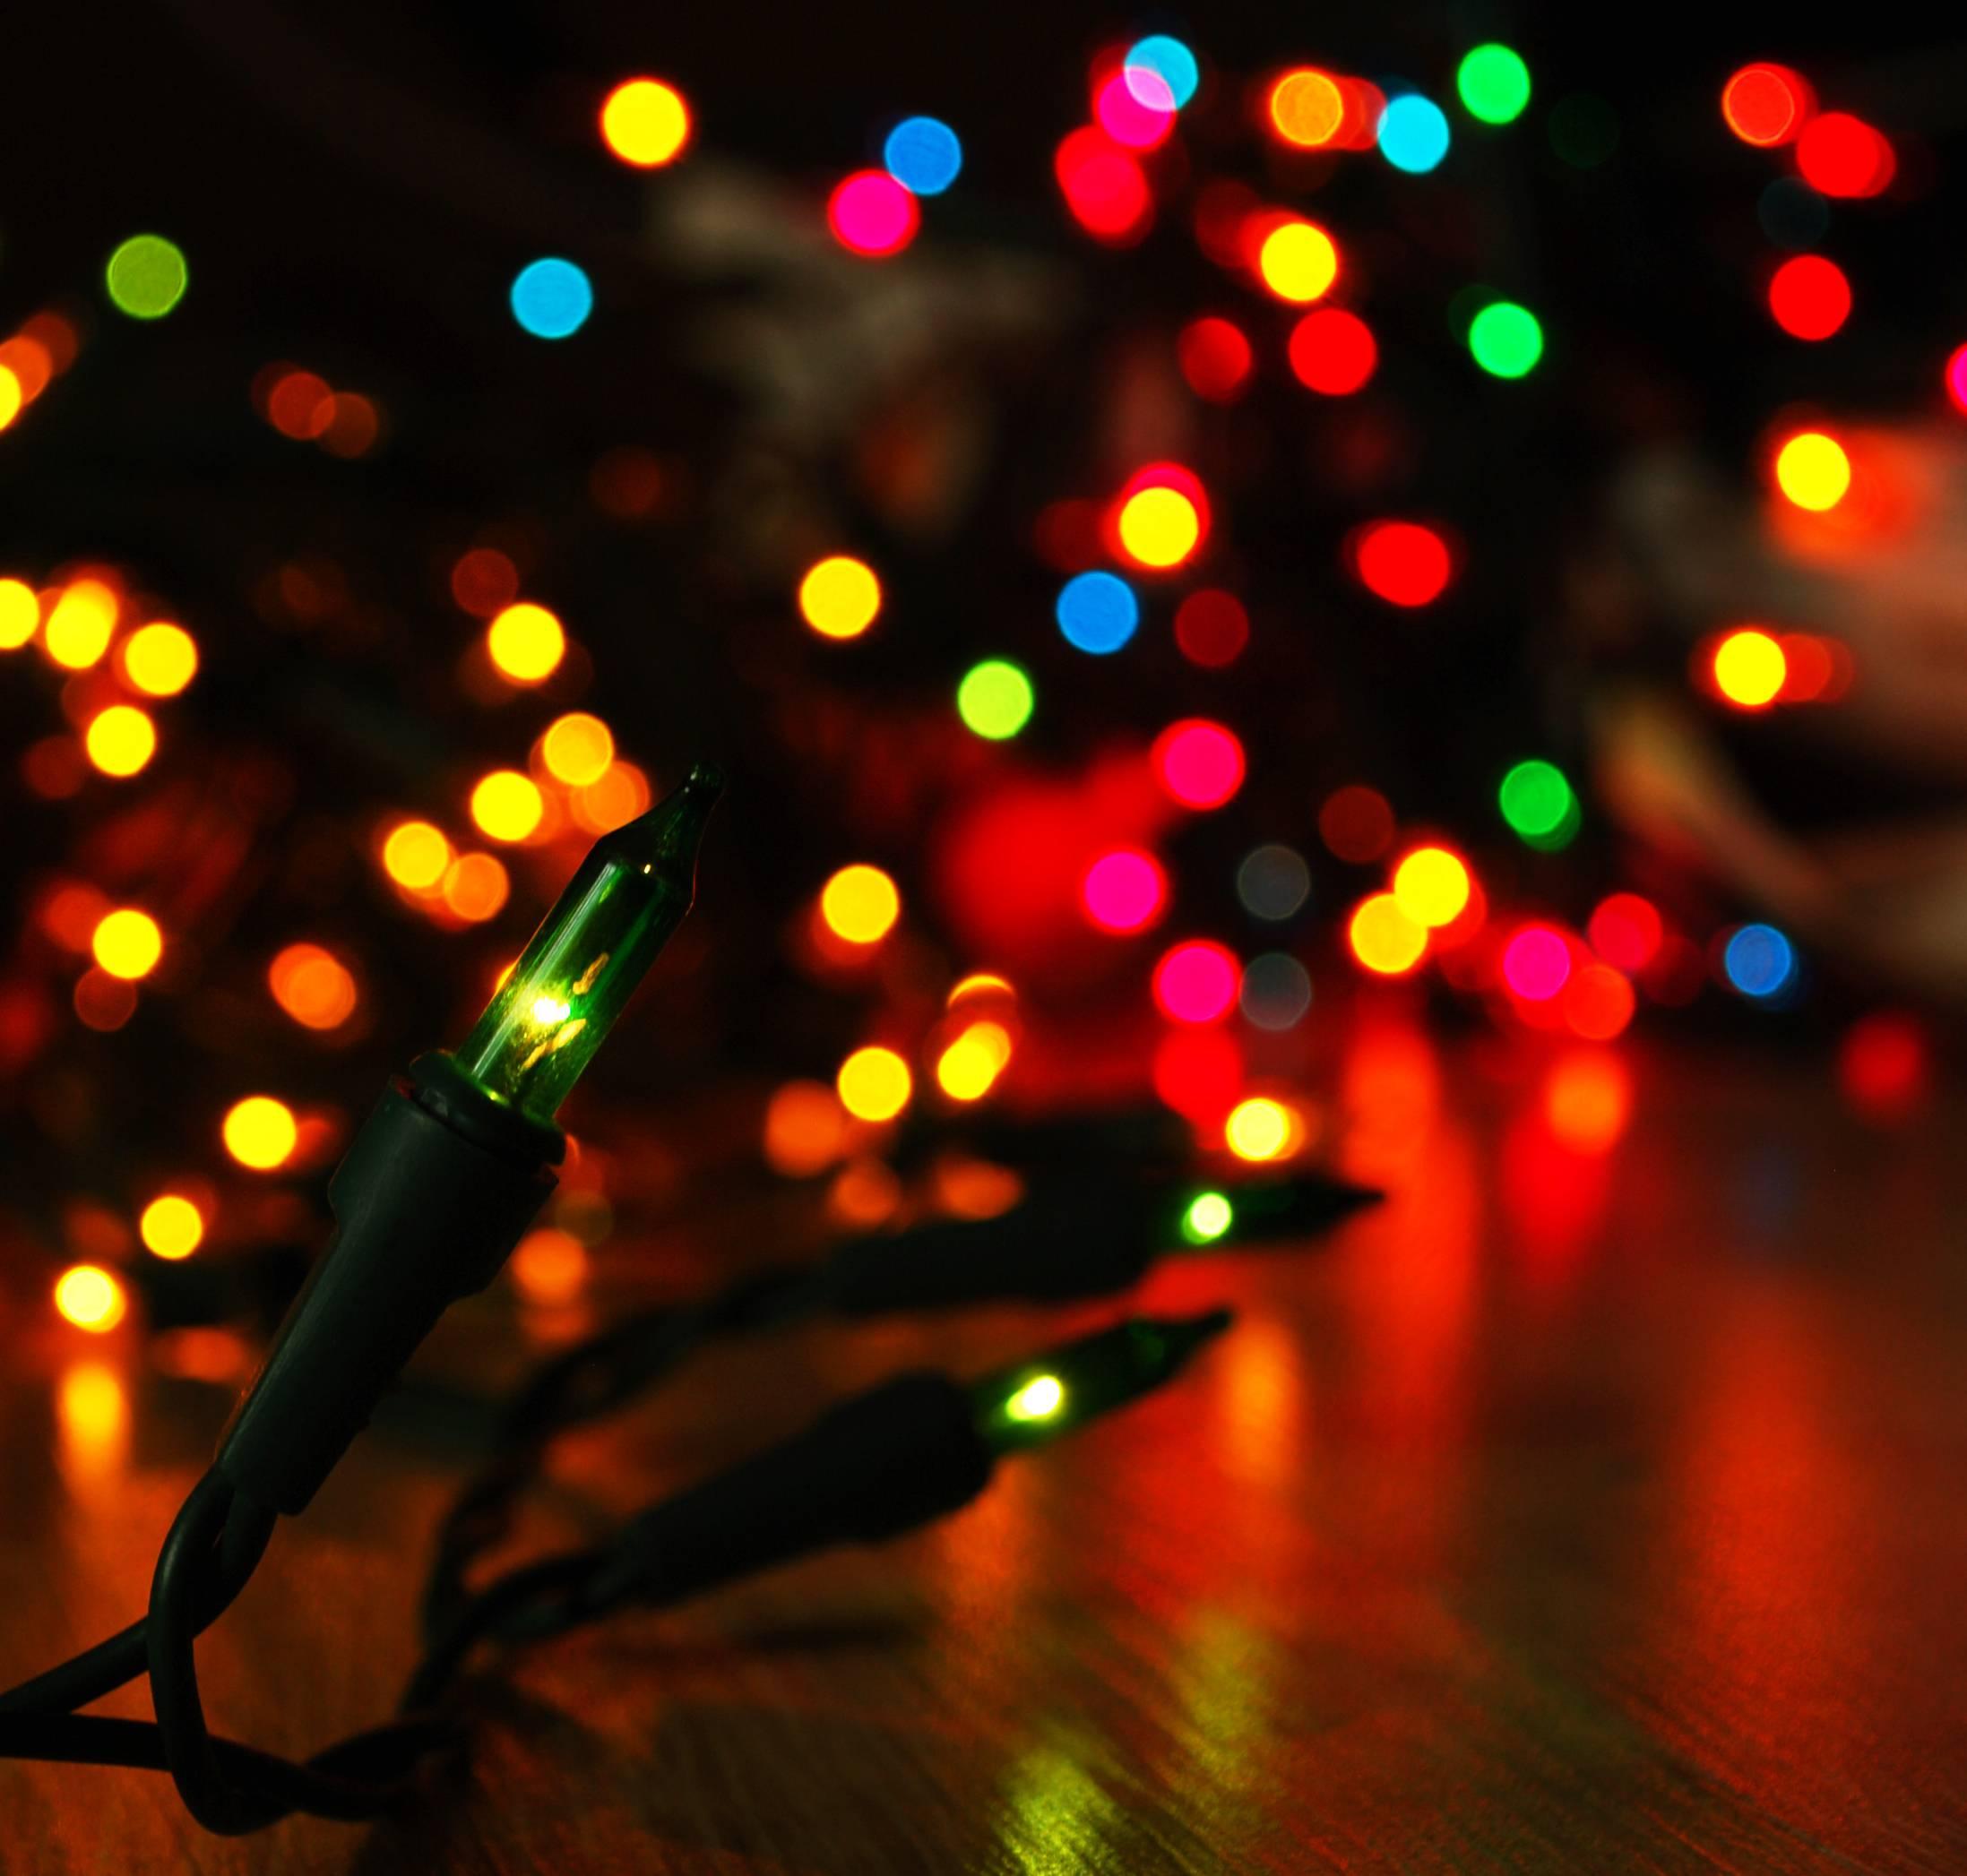 Christmas Background Tumblr.Christmas Lights Tumblr Background Merry Christmas And